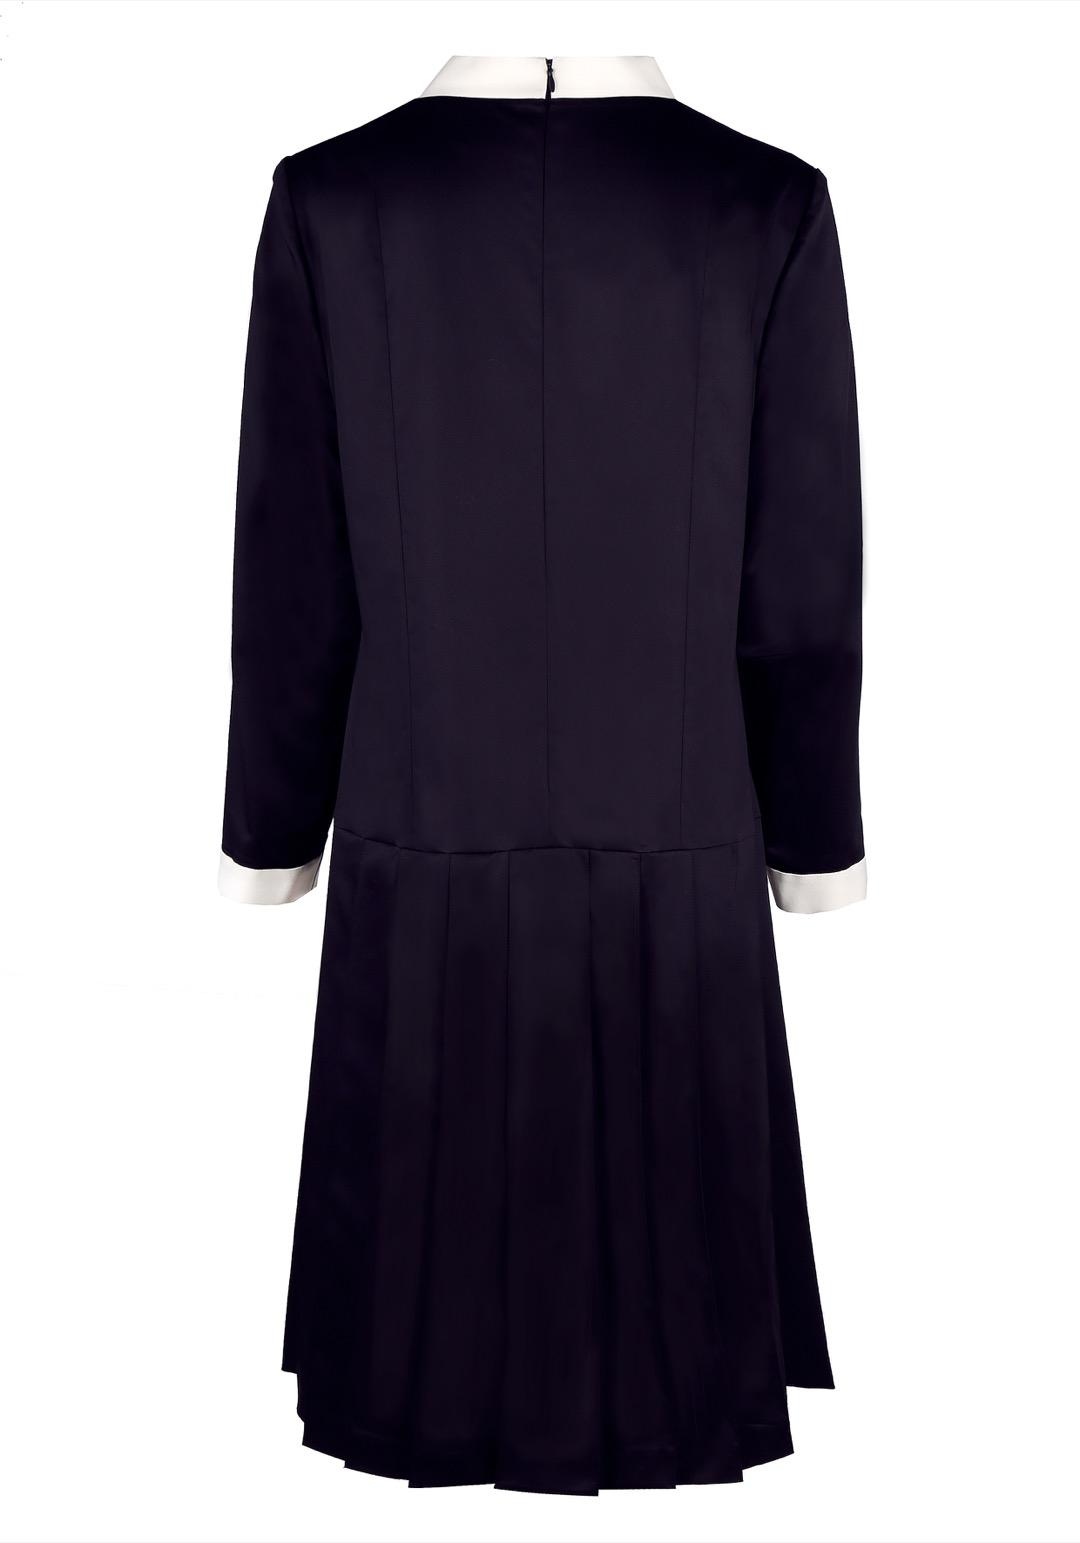 Темно-синее платье с белой планкой и юбкой в складку